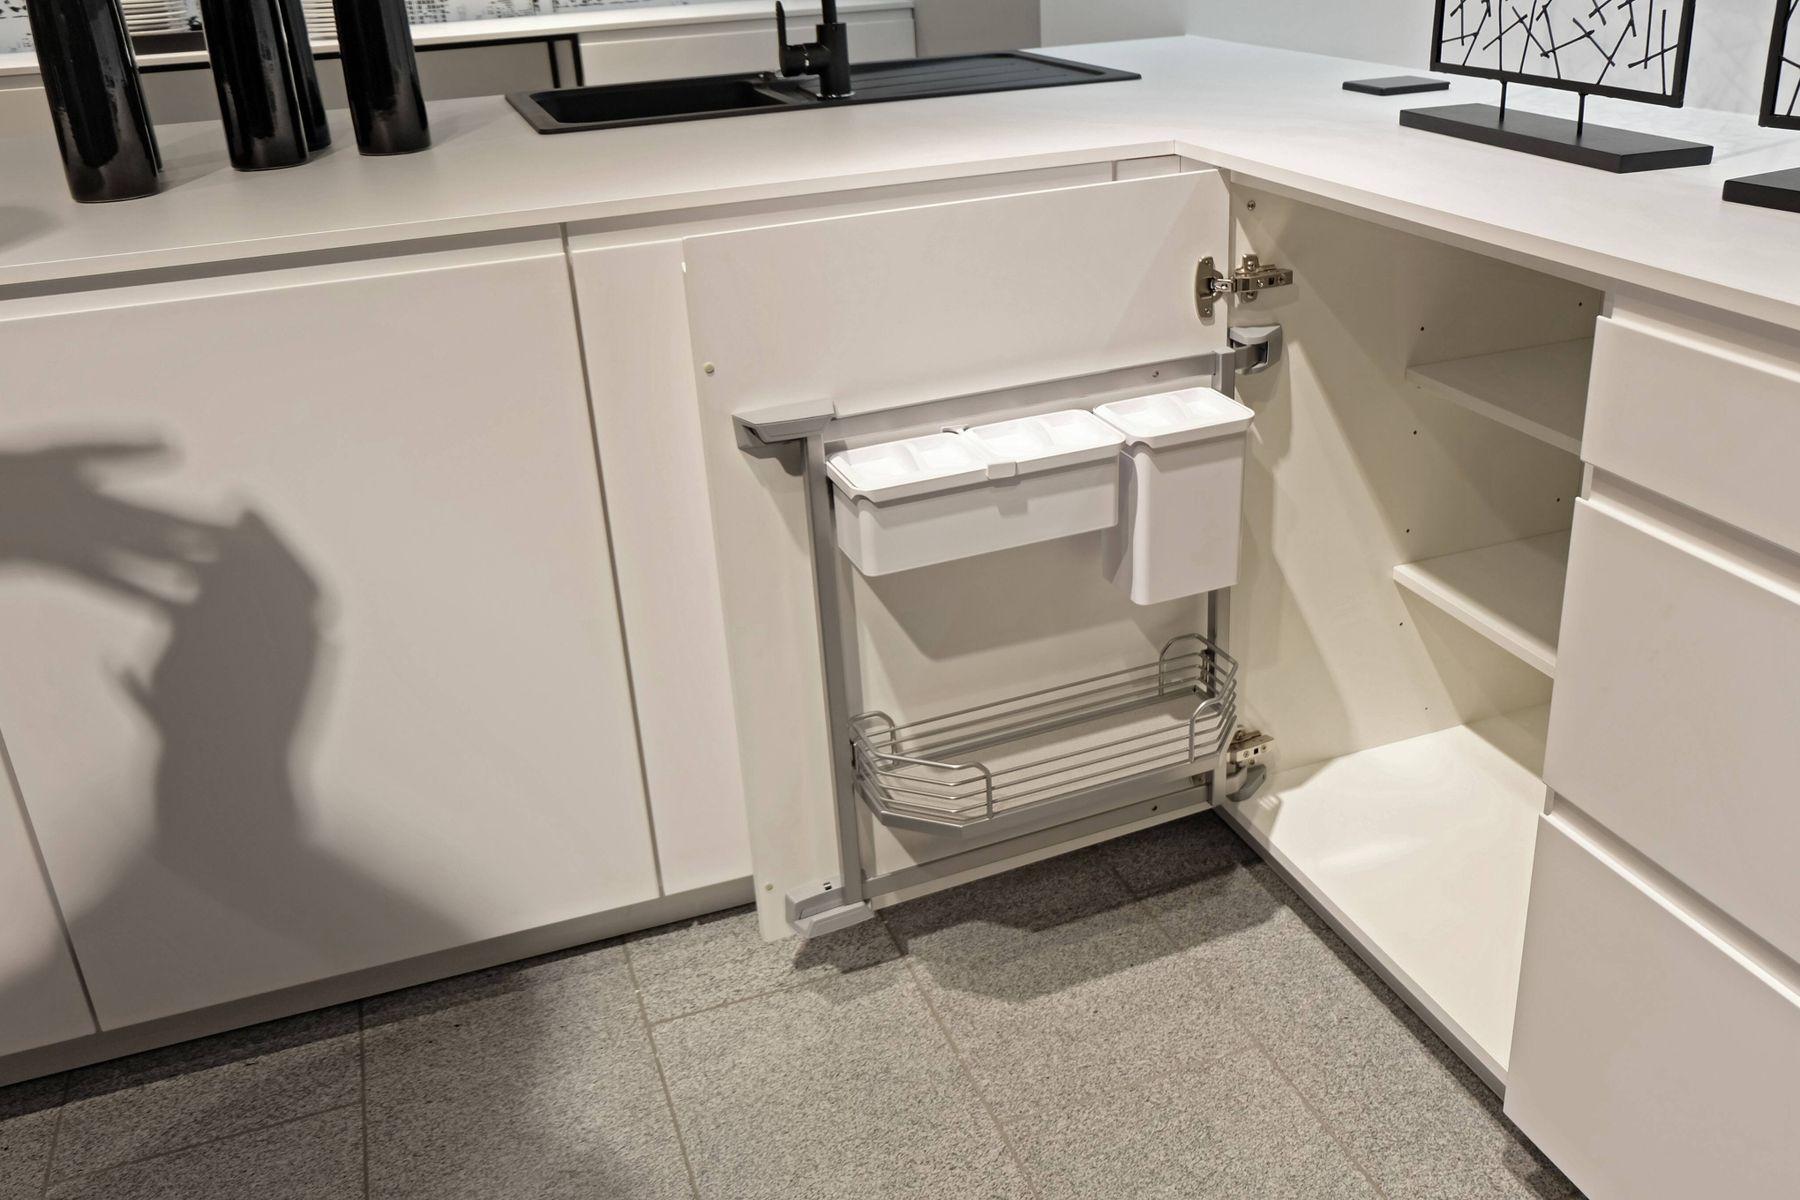 Simple method to clean storage units